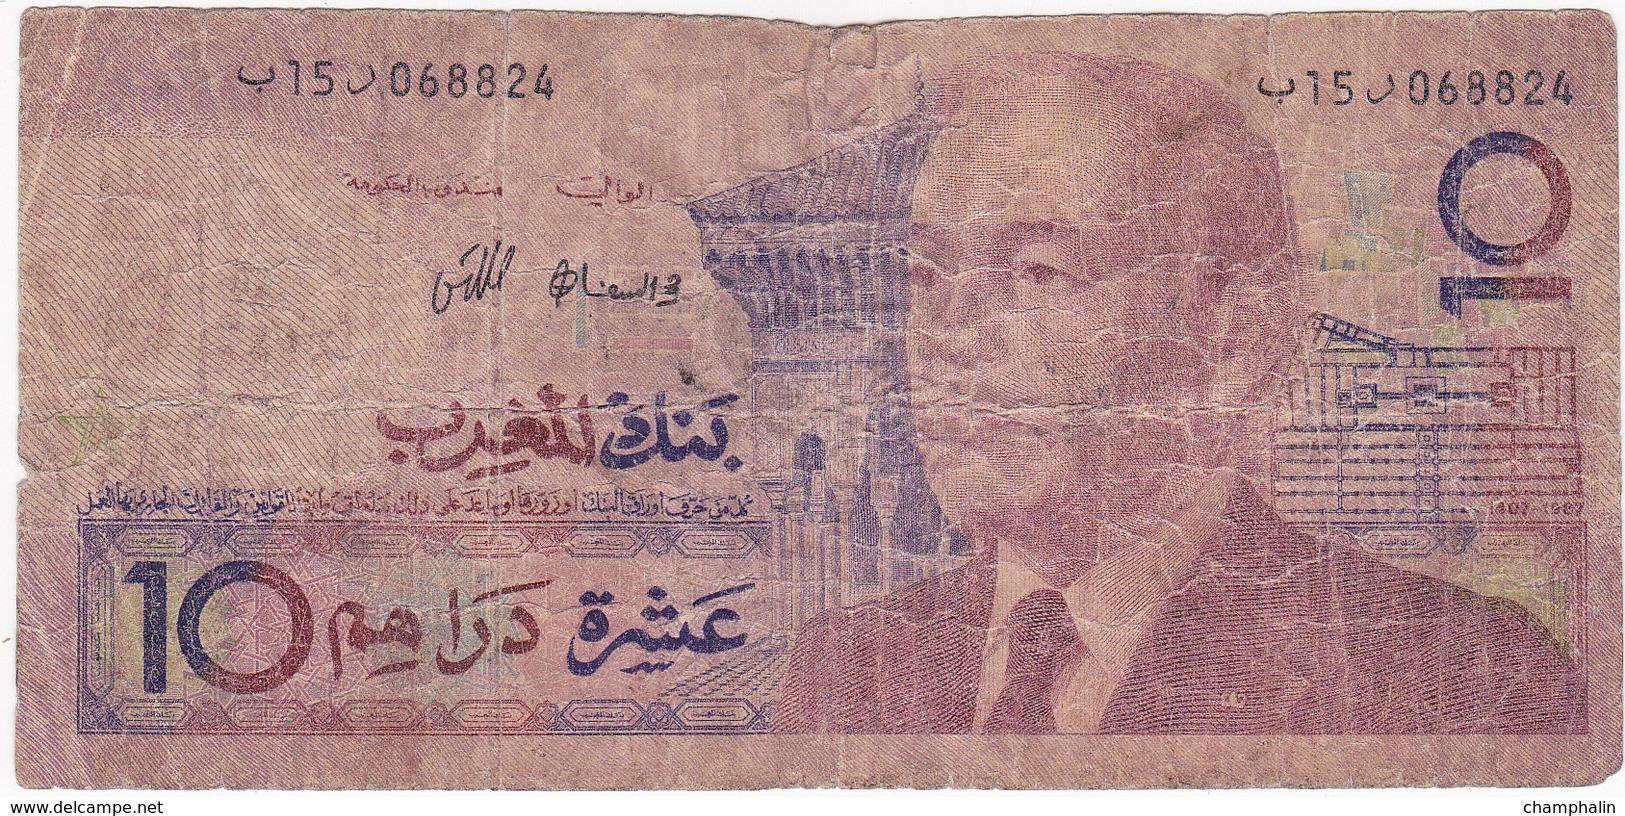 Maroc - Billet De 10 Dirhams - 1987 - Hassan II - Maroc